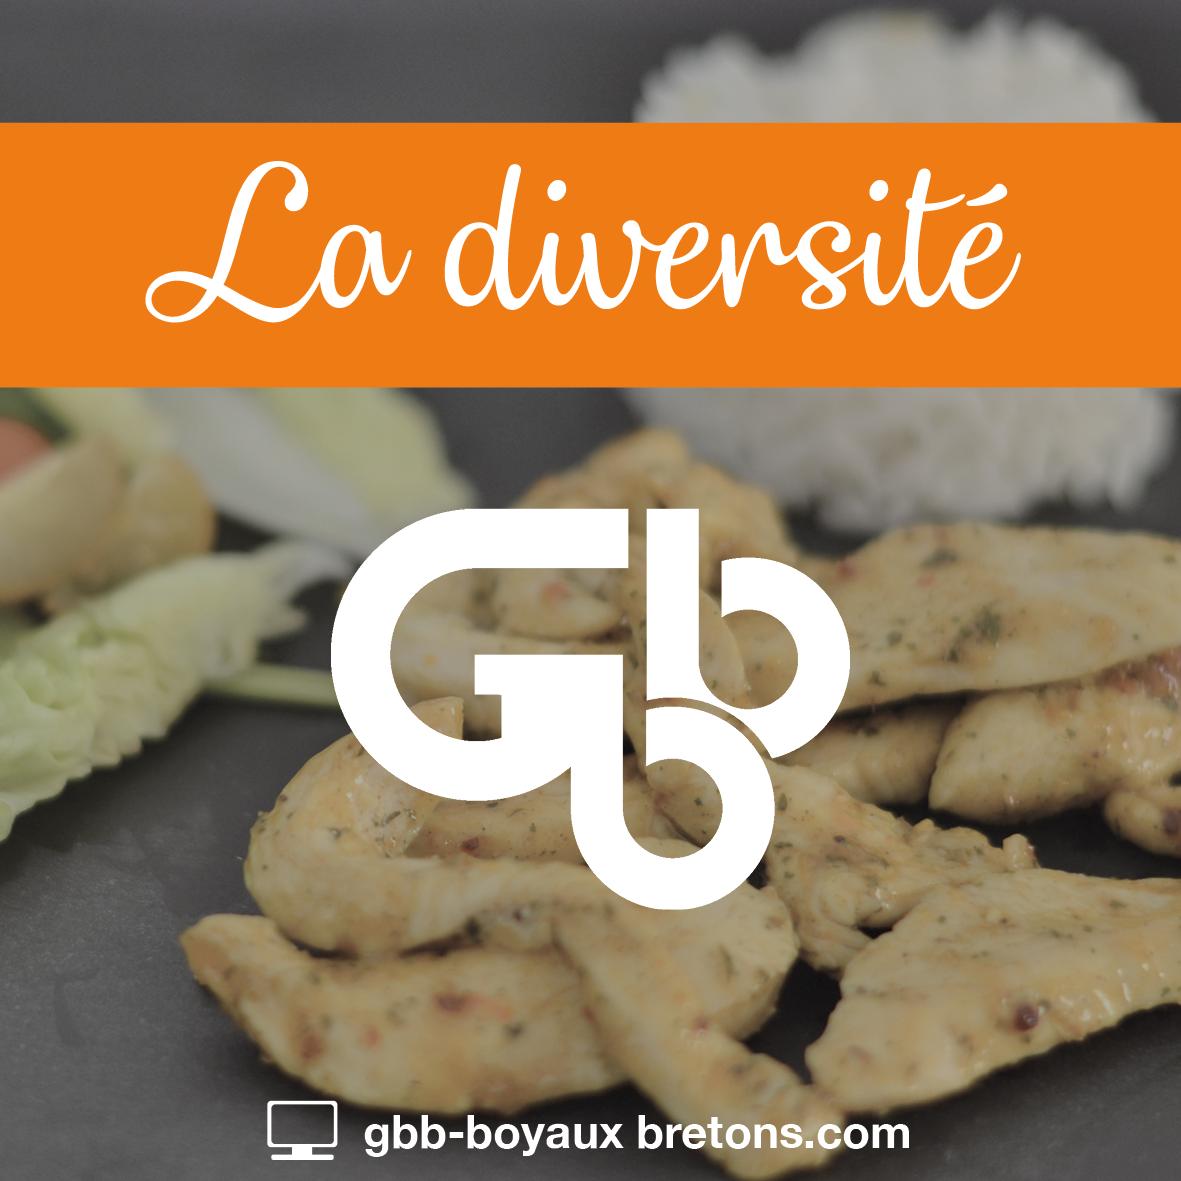 GBB Boyaux Bretons - Nos valeurs : la diversité